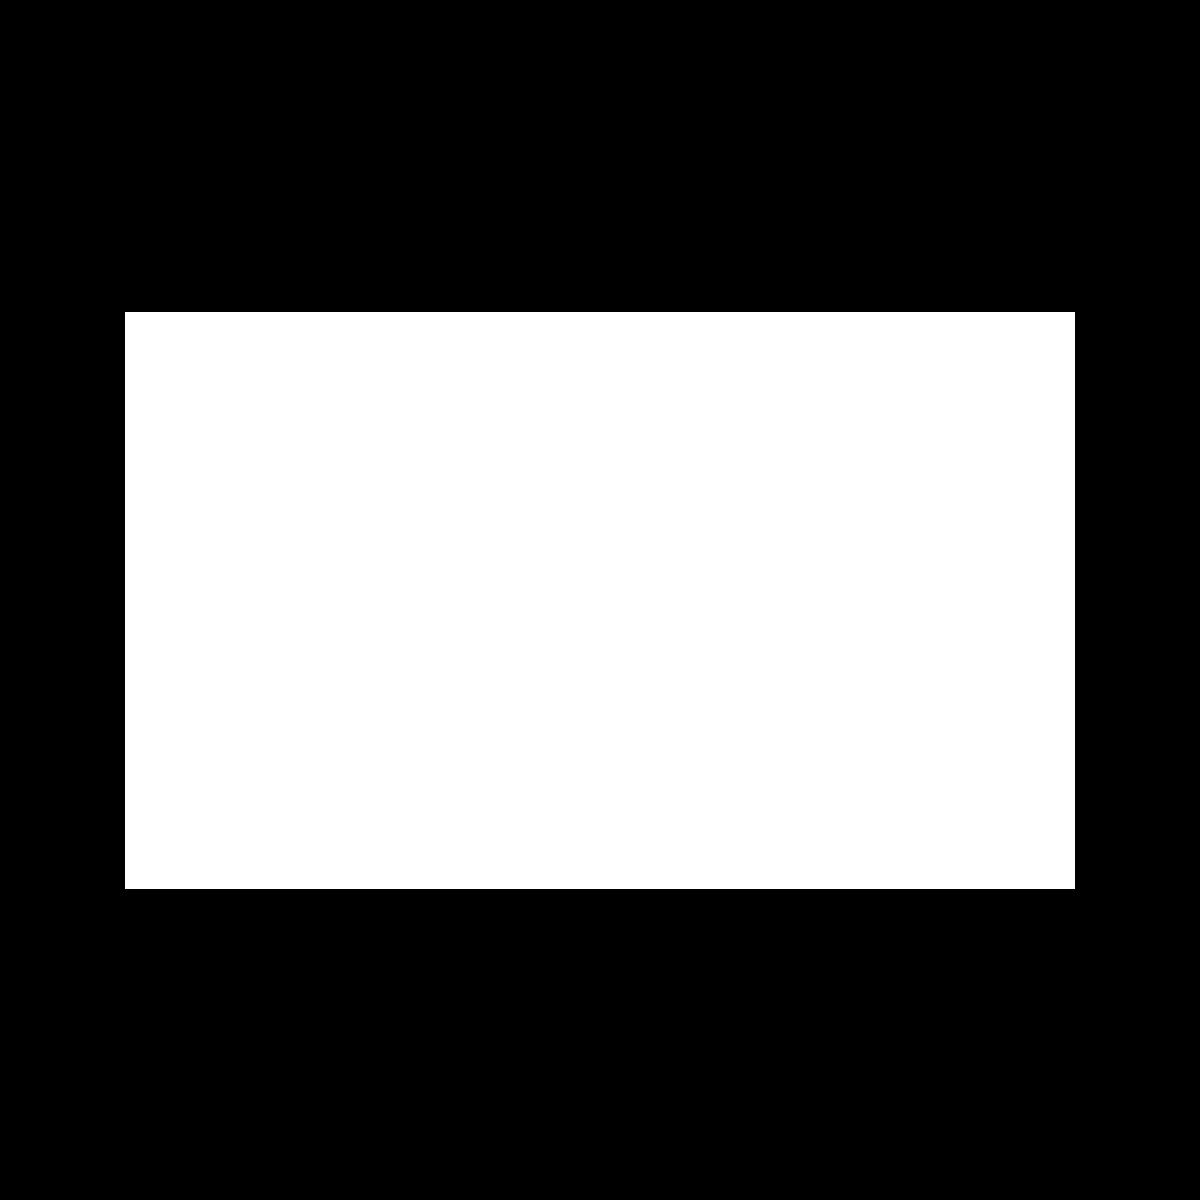 corono.png